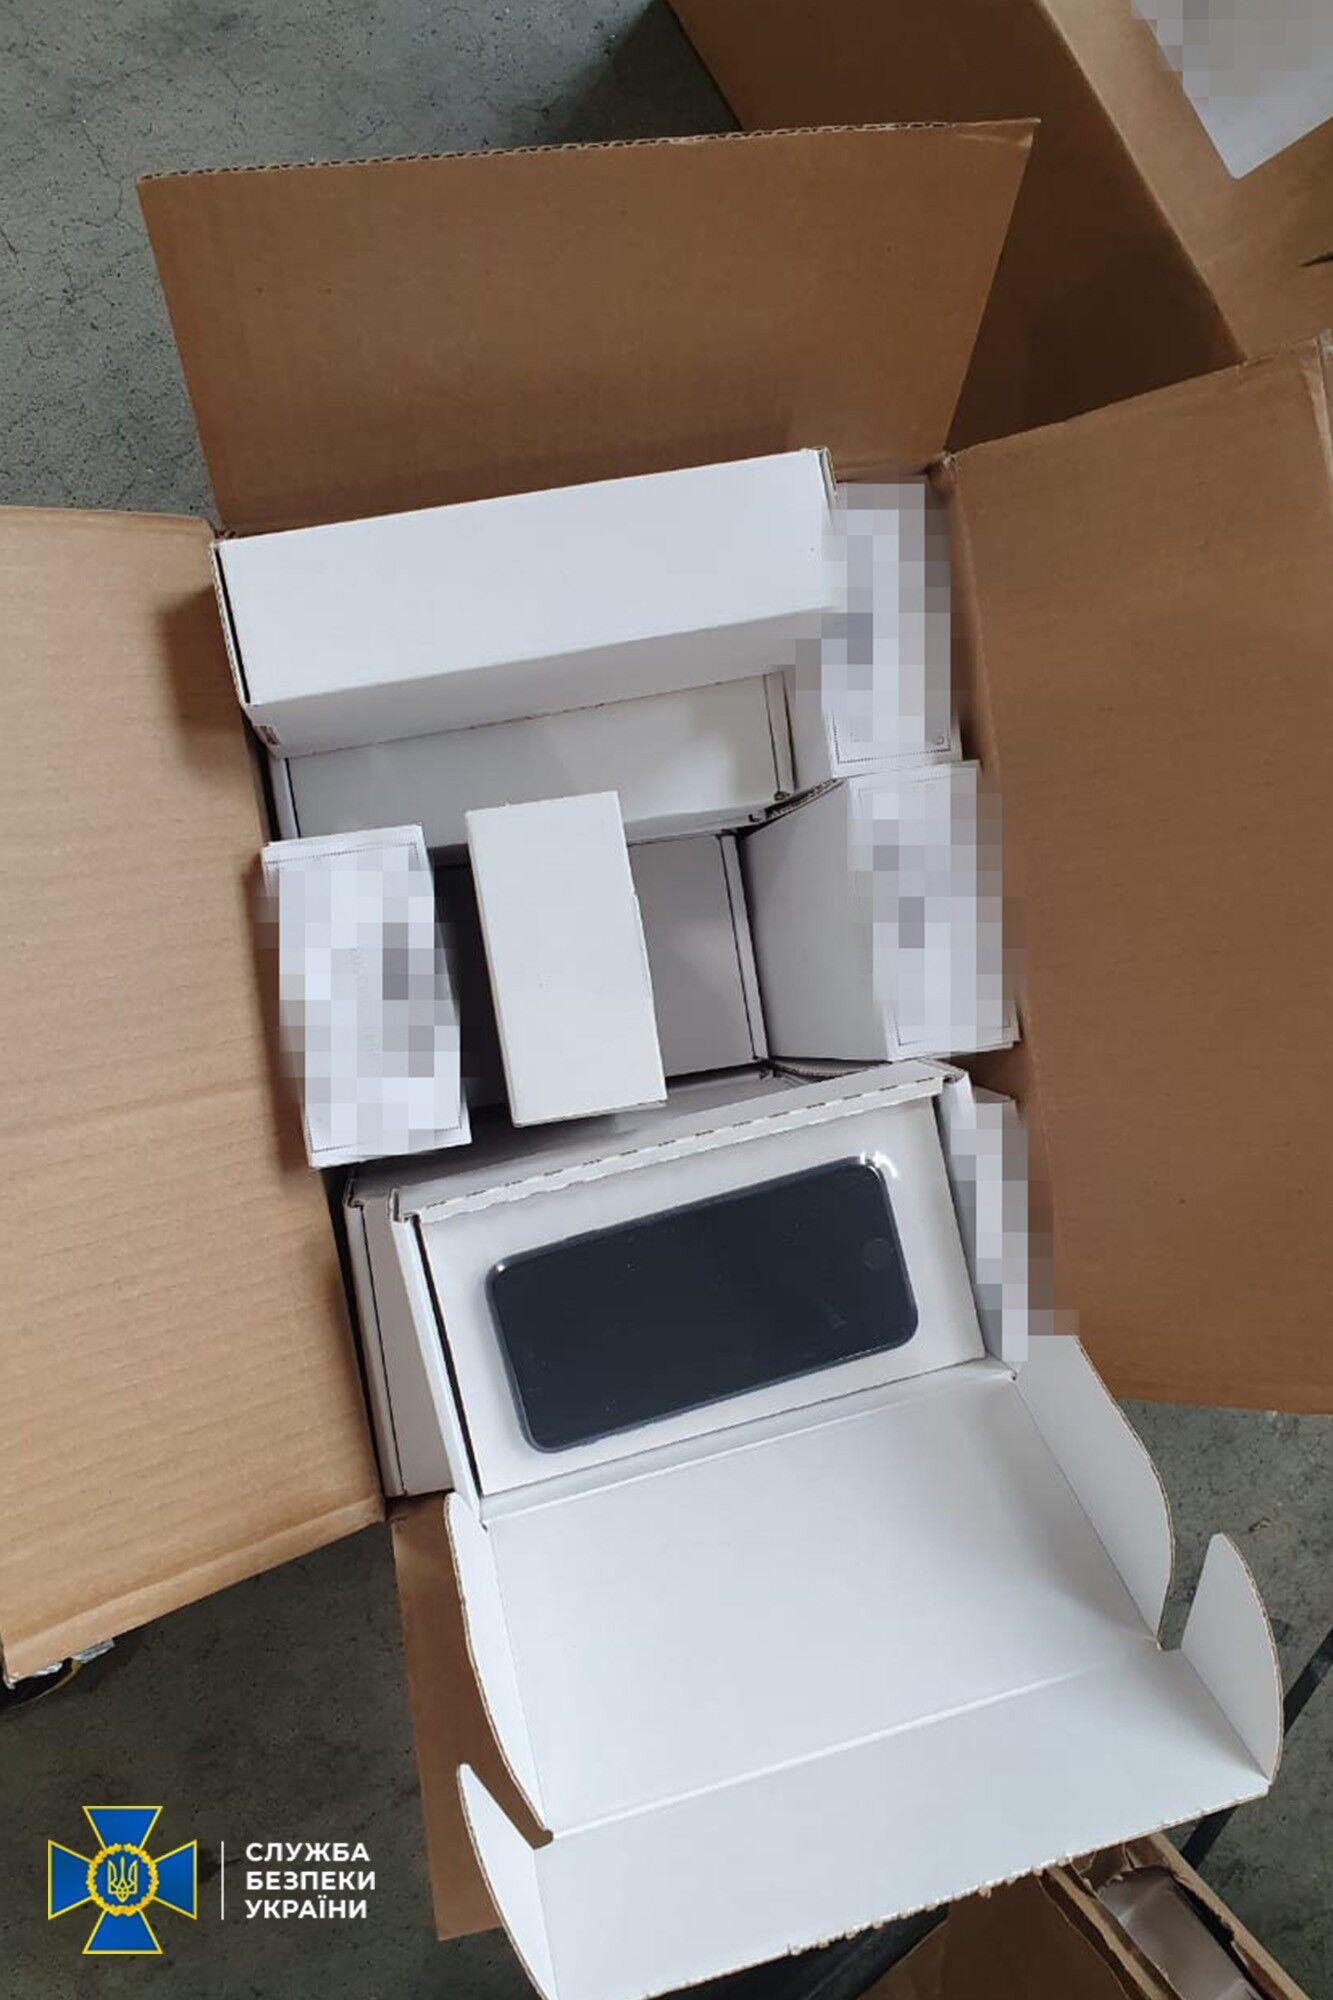 Делки хотели продавать контрабандную продукцию Apple